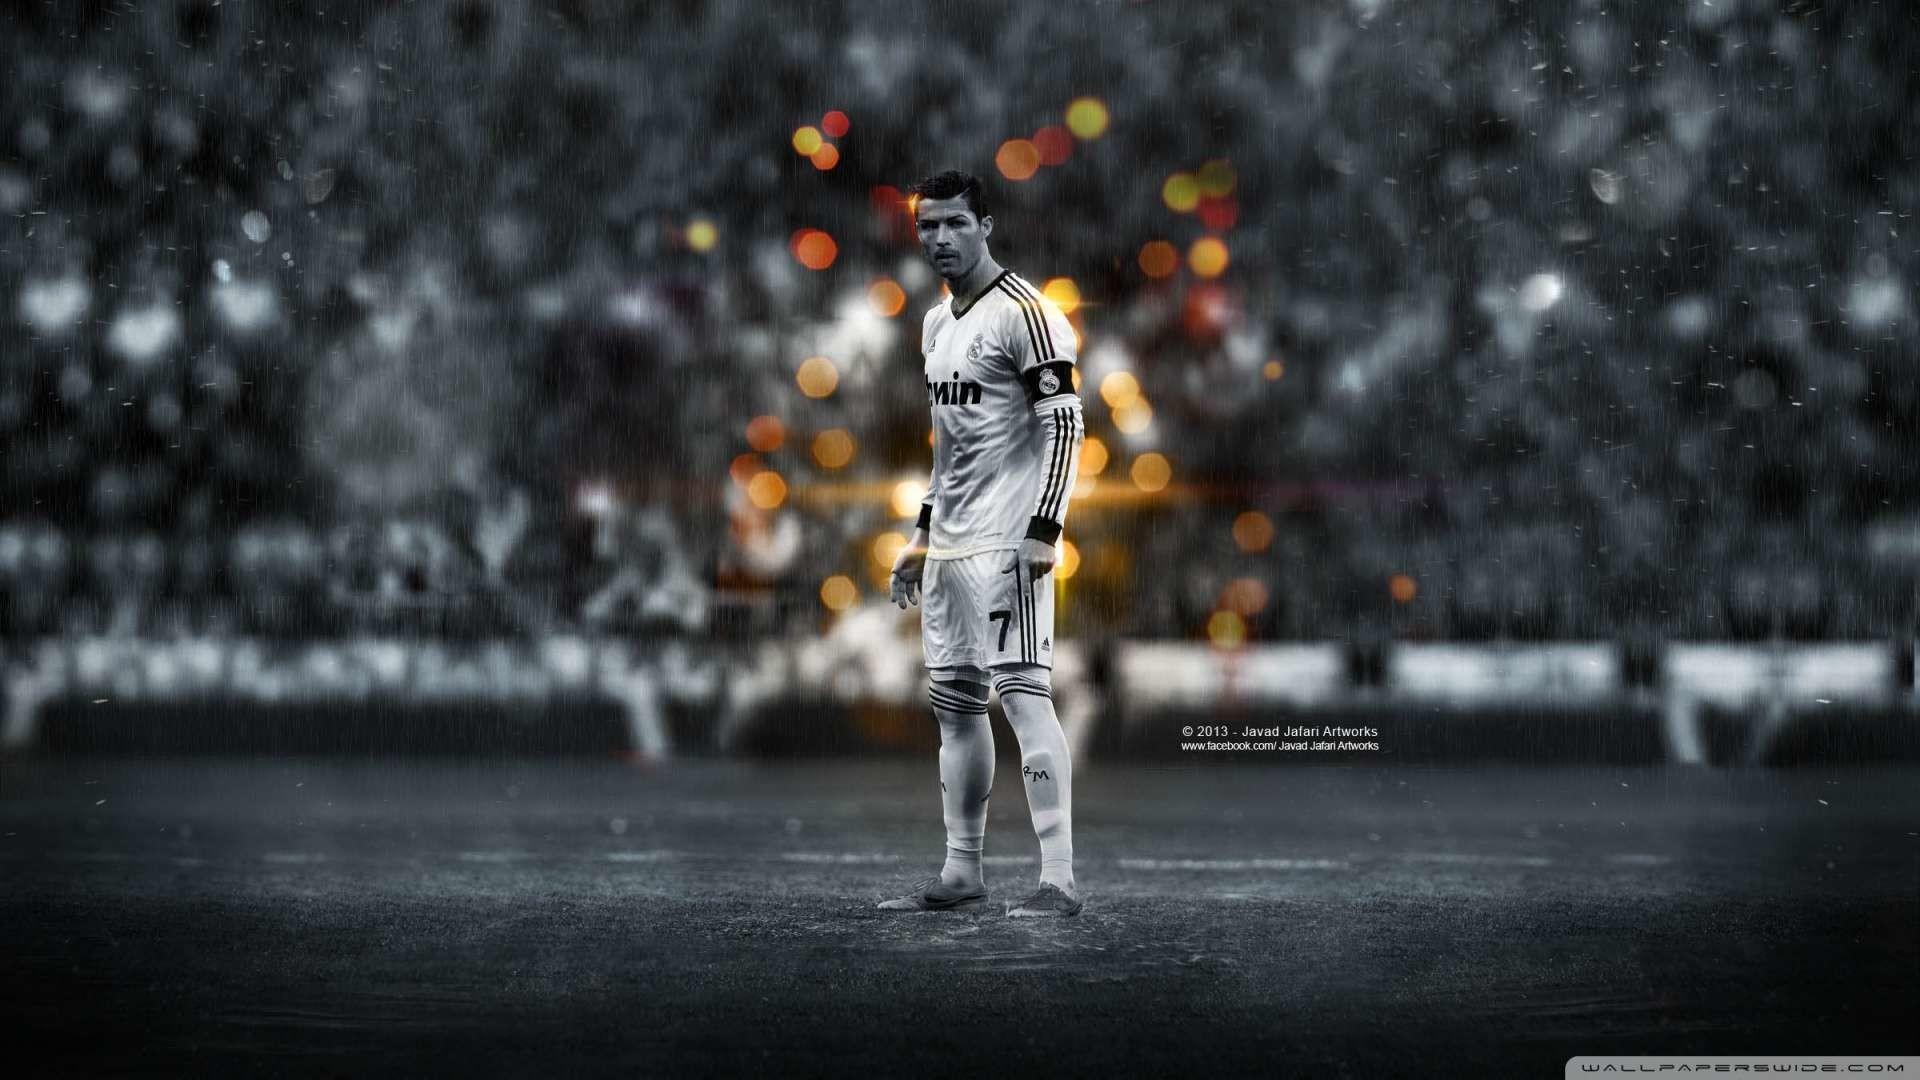 Cristiano Ronaldo Wallpaper 1080p